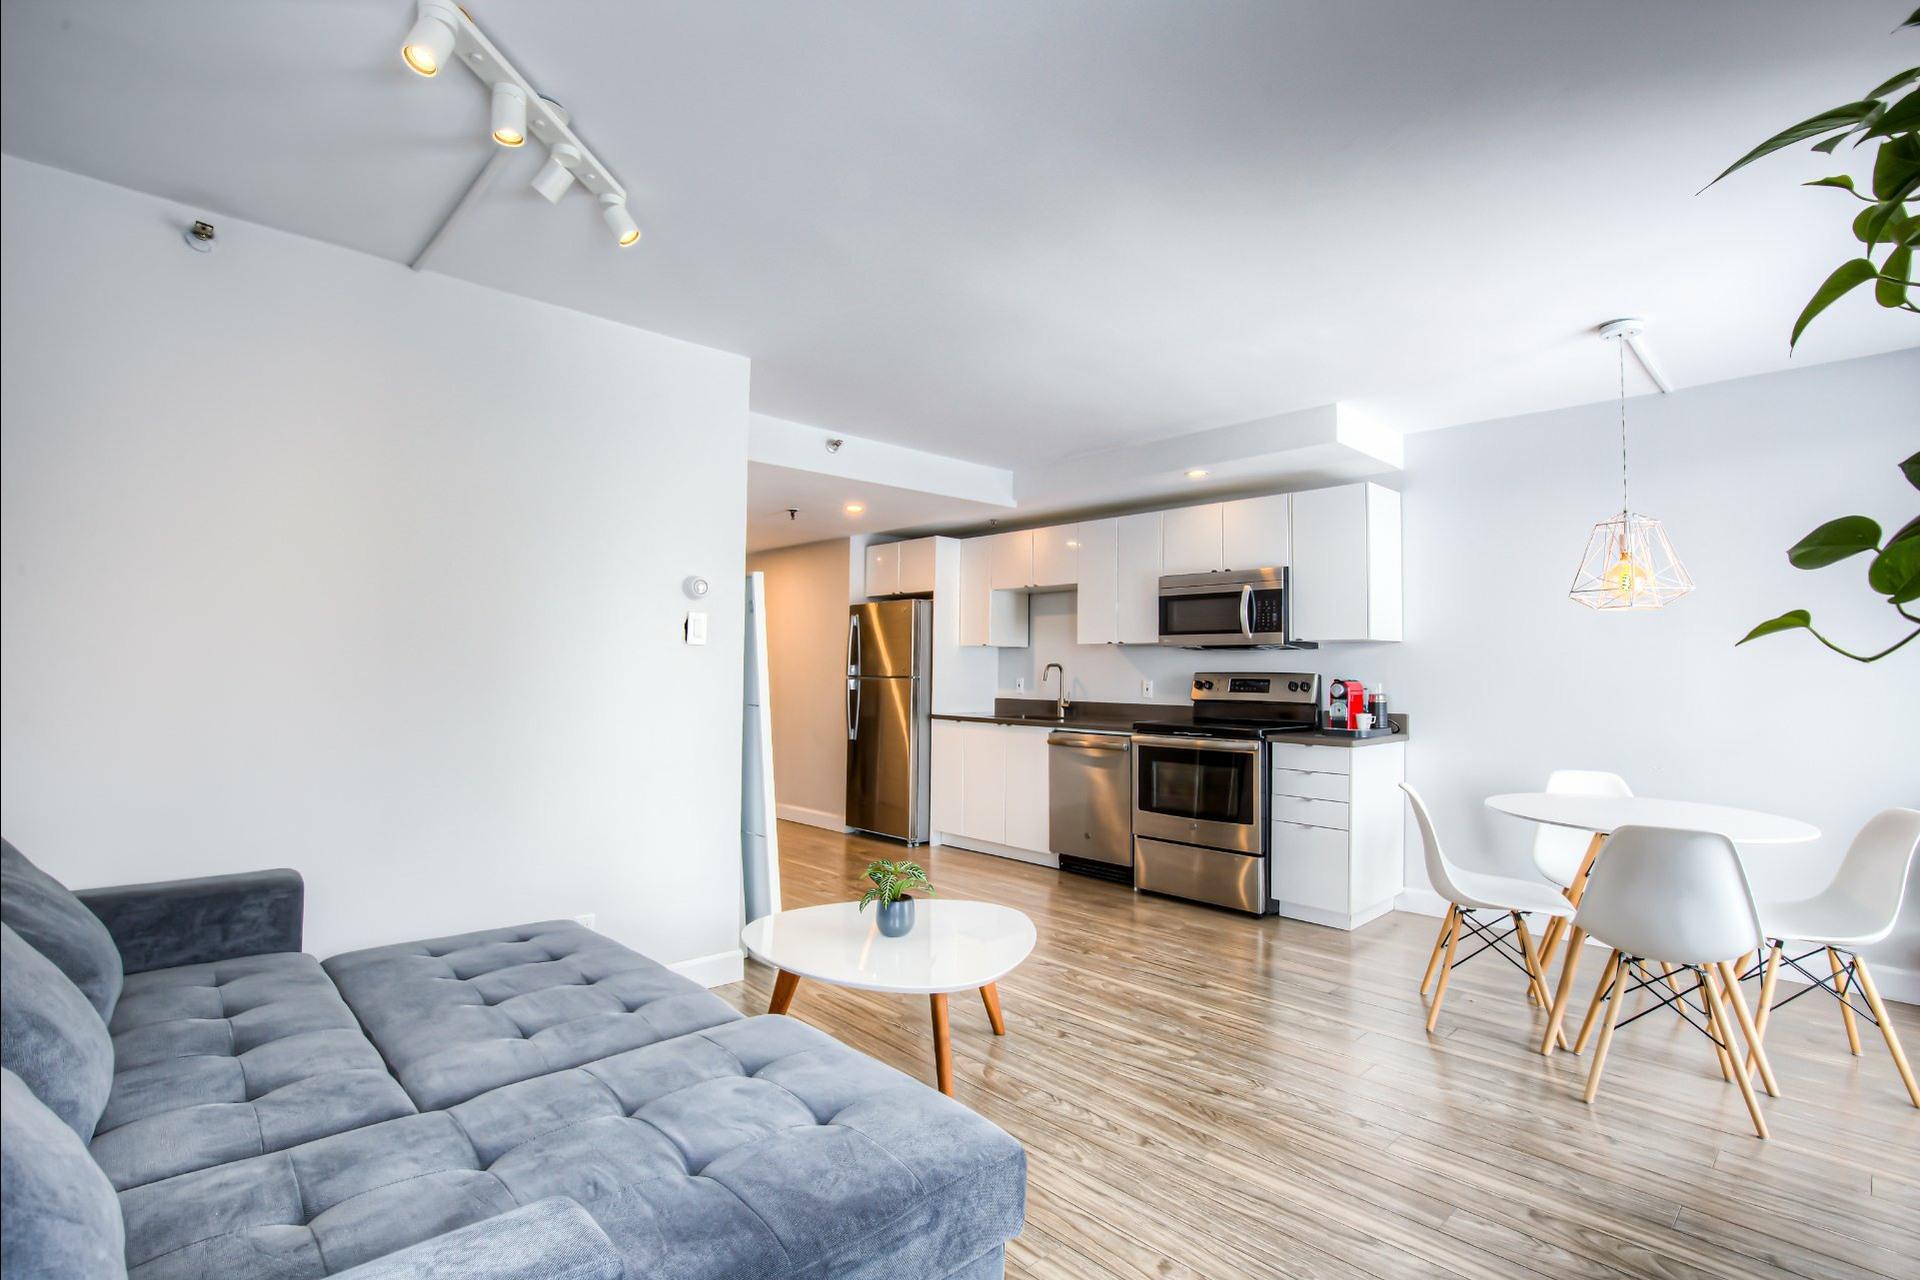 image 4 - Appartement À vendre Ville-Marie Montréal  - 5 pièces